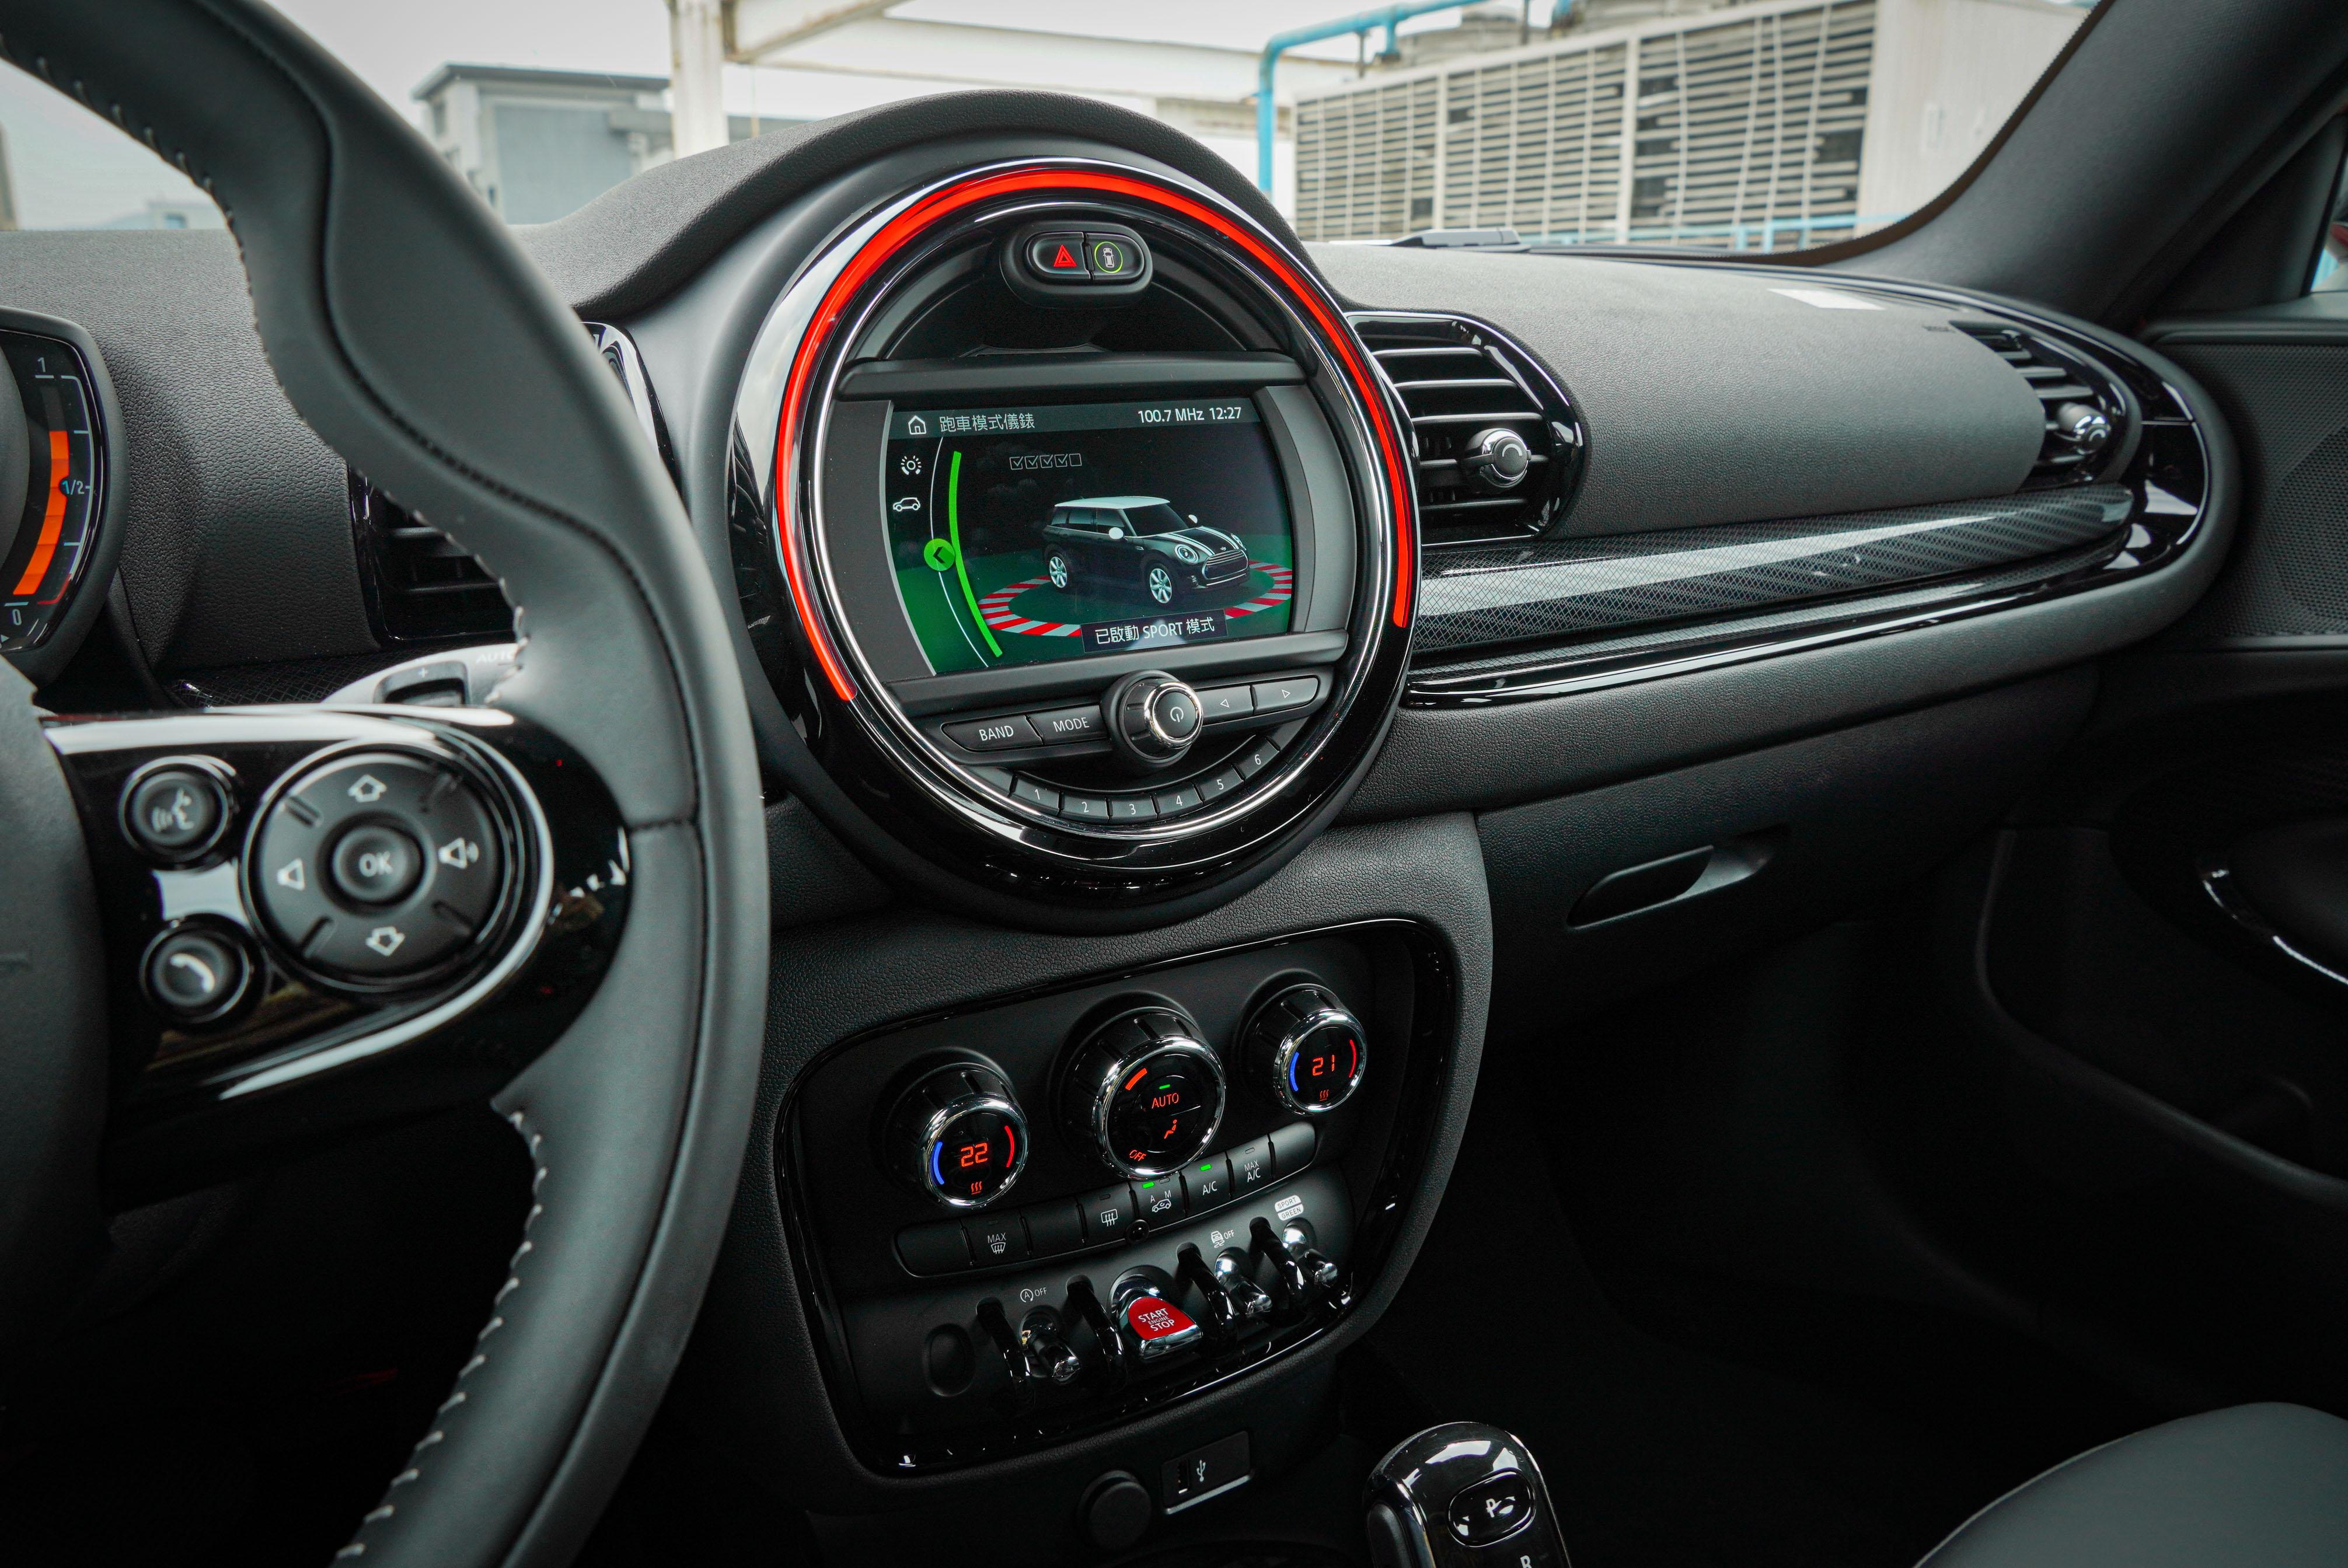 試駕車選配 Mini Visual Boost 6.5 吋觸控螢幕,以及支援無線串連的 Apple CarPlay。個人認為有了前者,59,000 元的原廠中文導航系統不是必要。